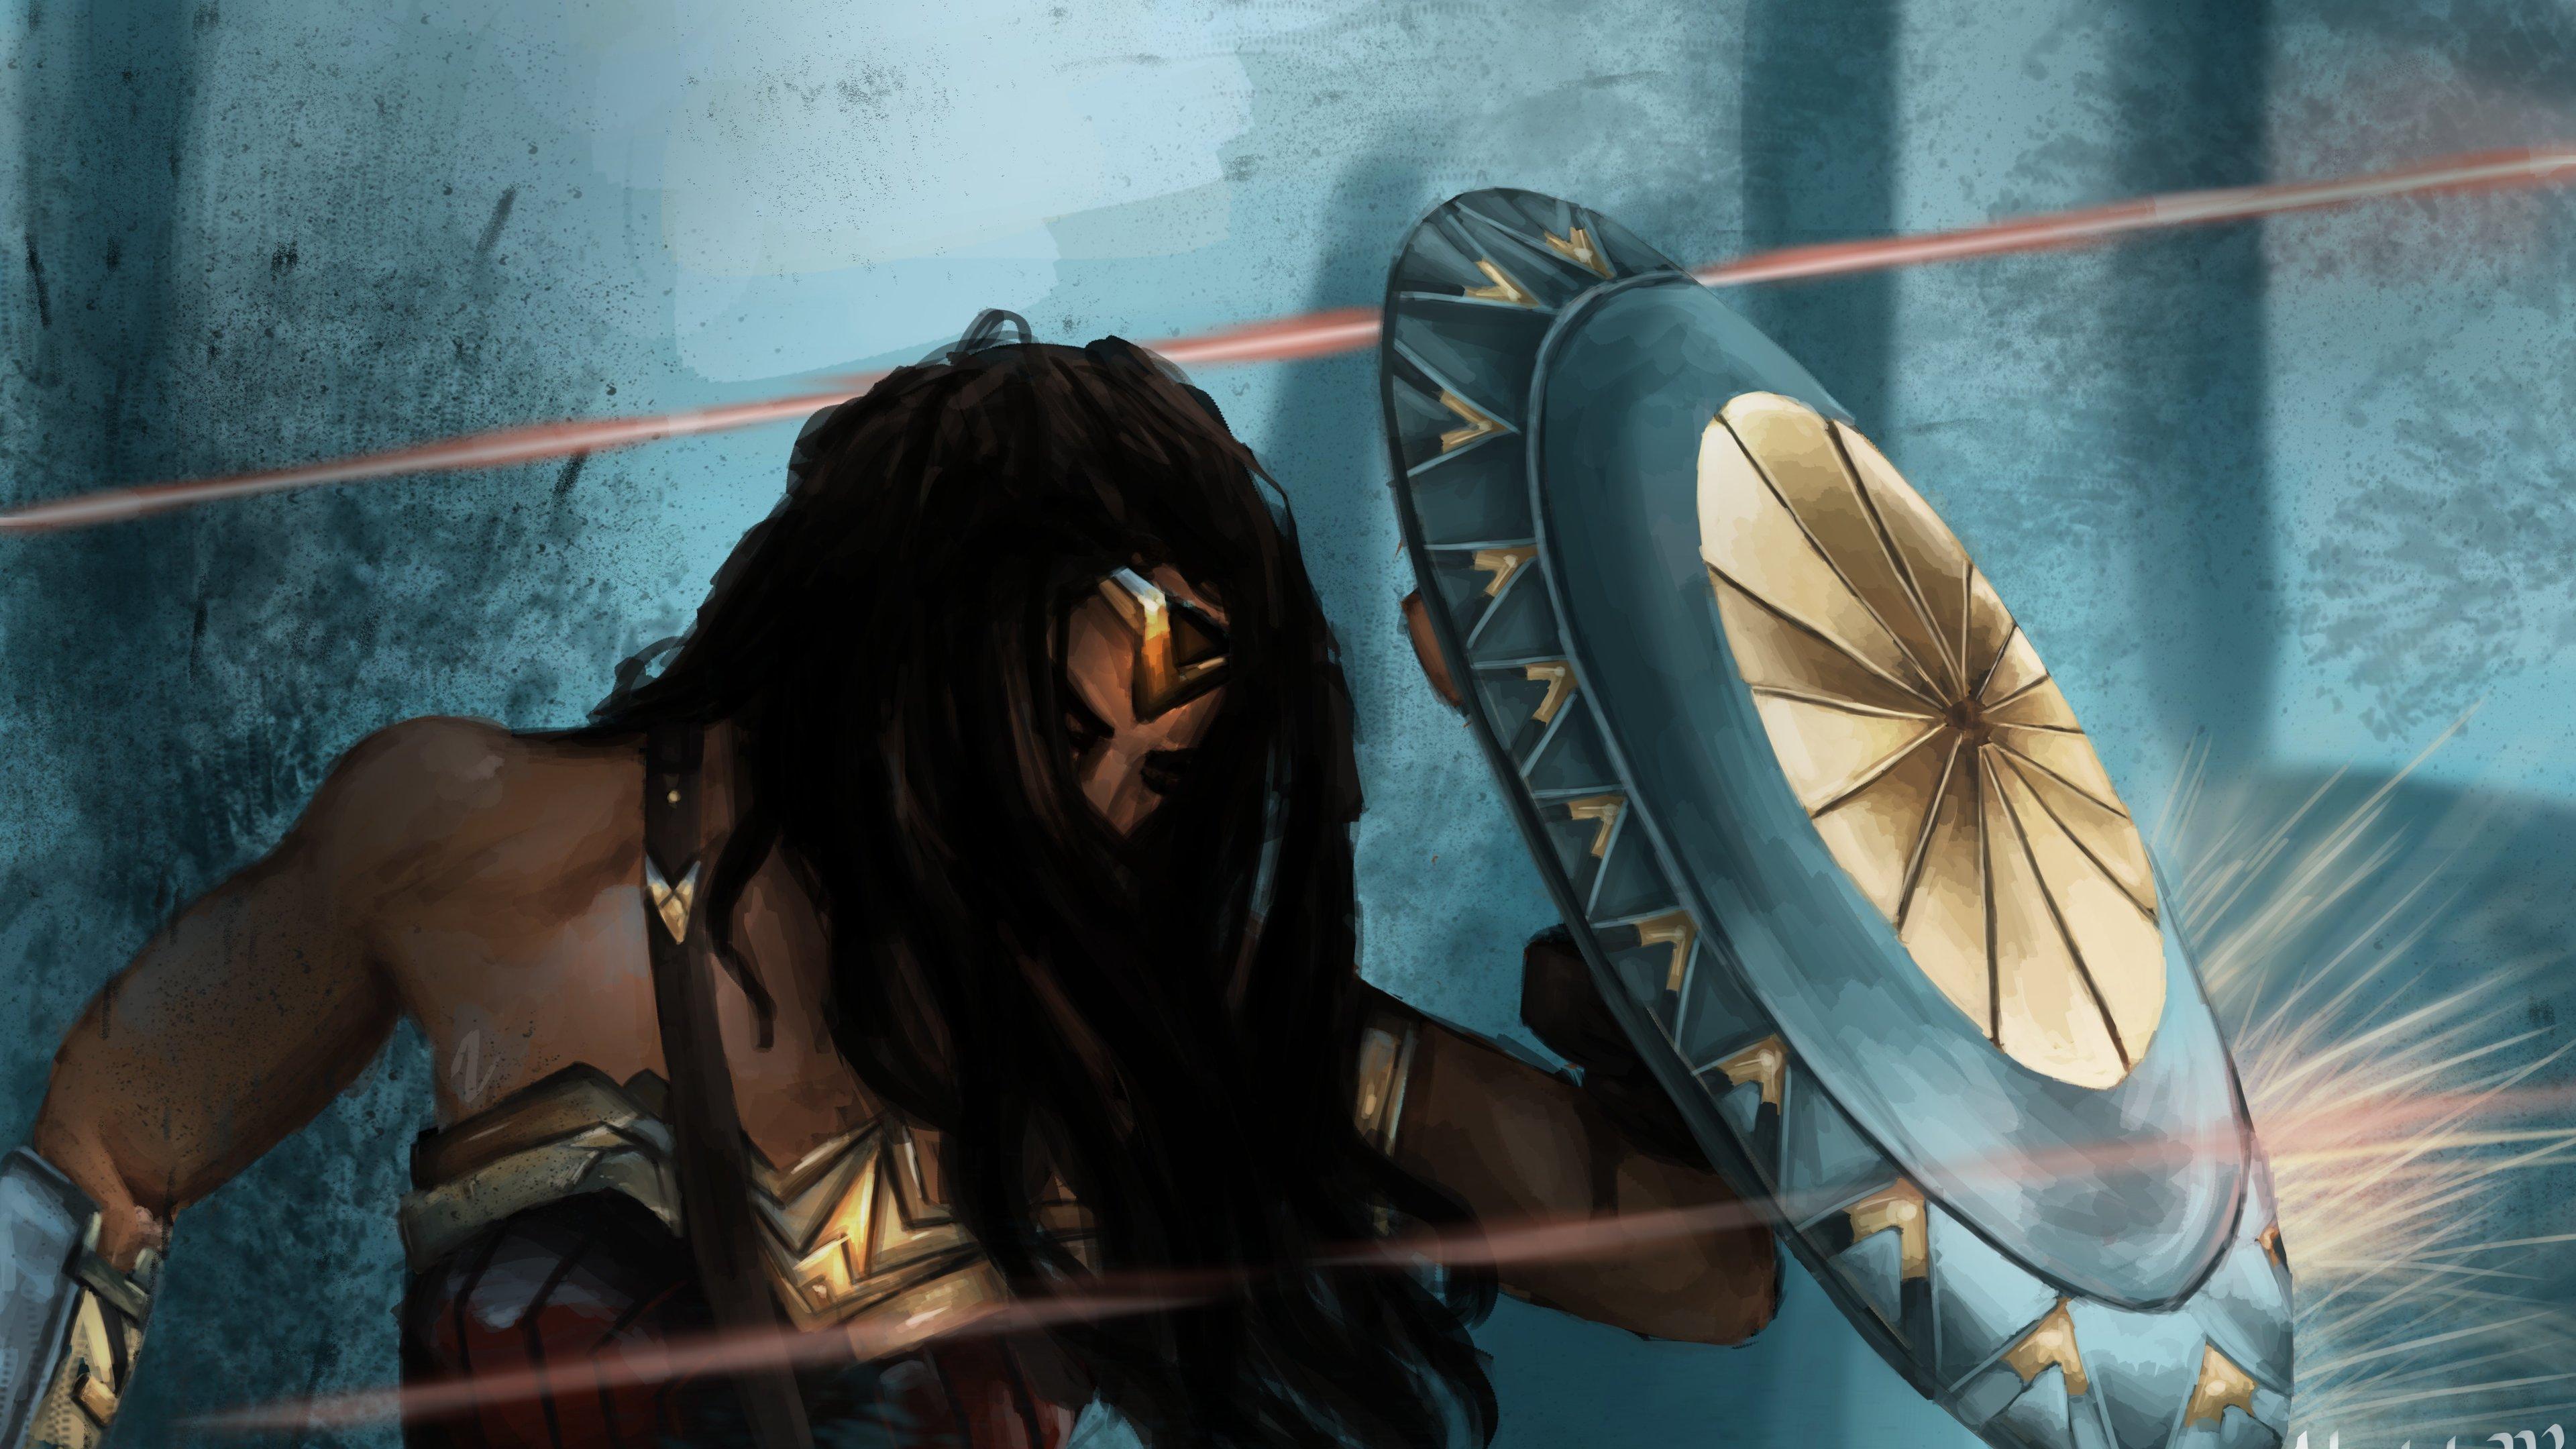 wonder woman defend herself with shield 1541294390 - Wonder Woman Defend Herself With Shield - wonder woman wallpapers, superheroes wallpapers, shield wallpapers, hd-wallpapers, digital art wallpapers, artwork wallpapers, 5k wallpapers, 4k-wallpapers